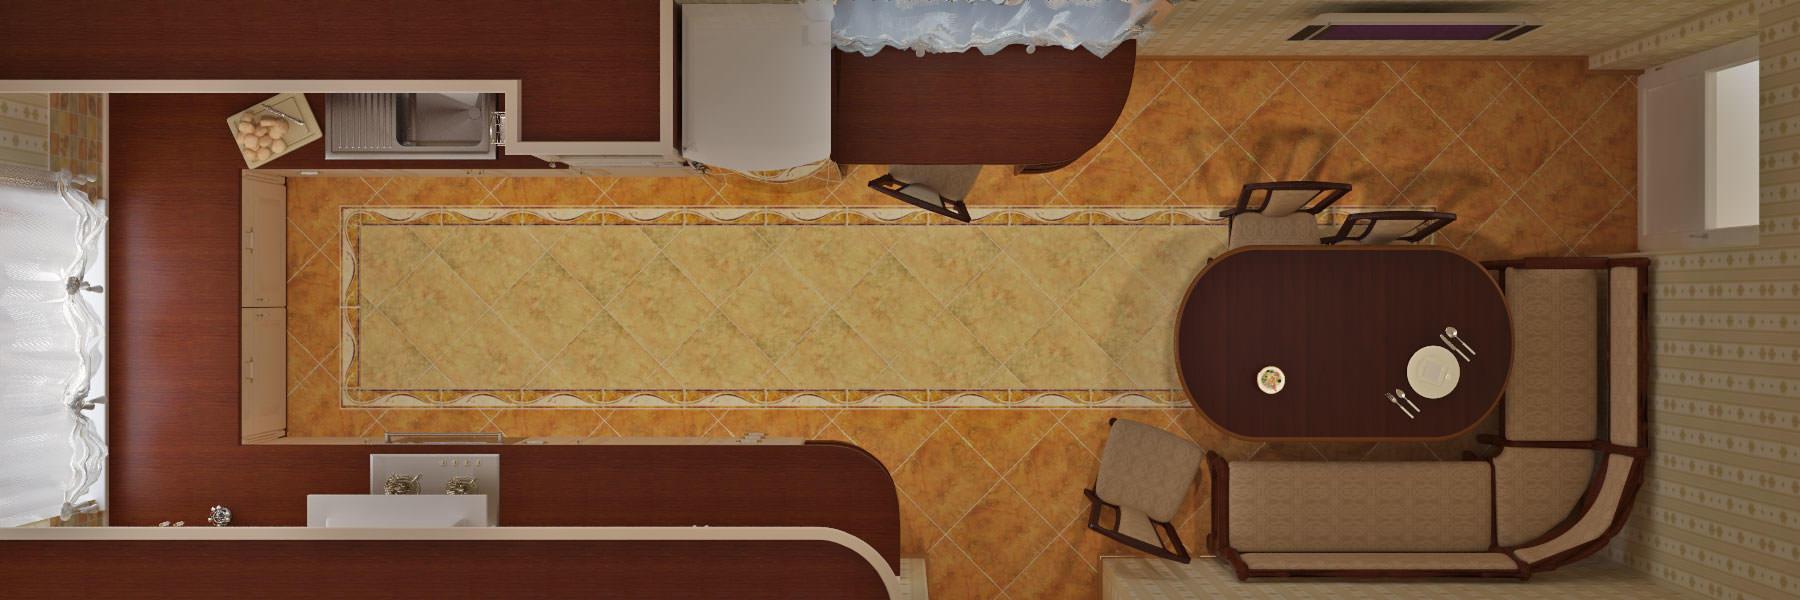 Если у вас узкая длинная кухня, данная планировка для нее будет наиболее оптимальной